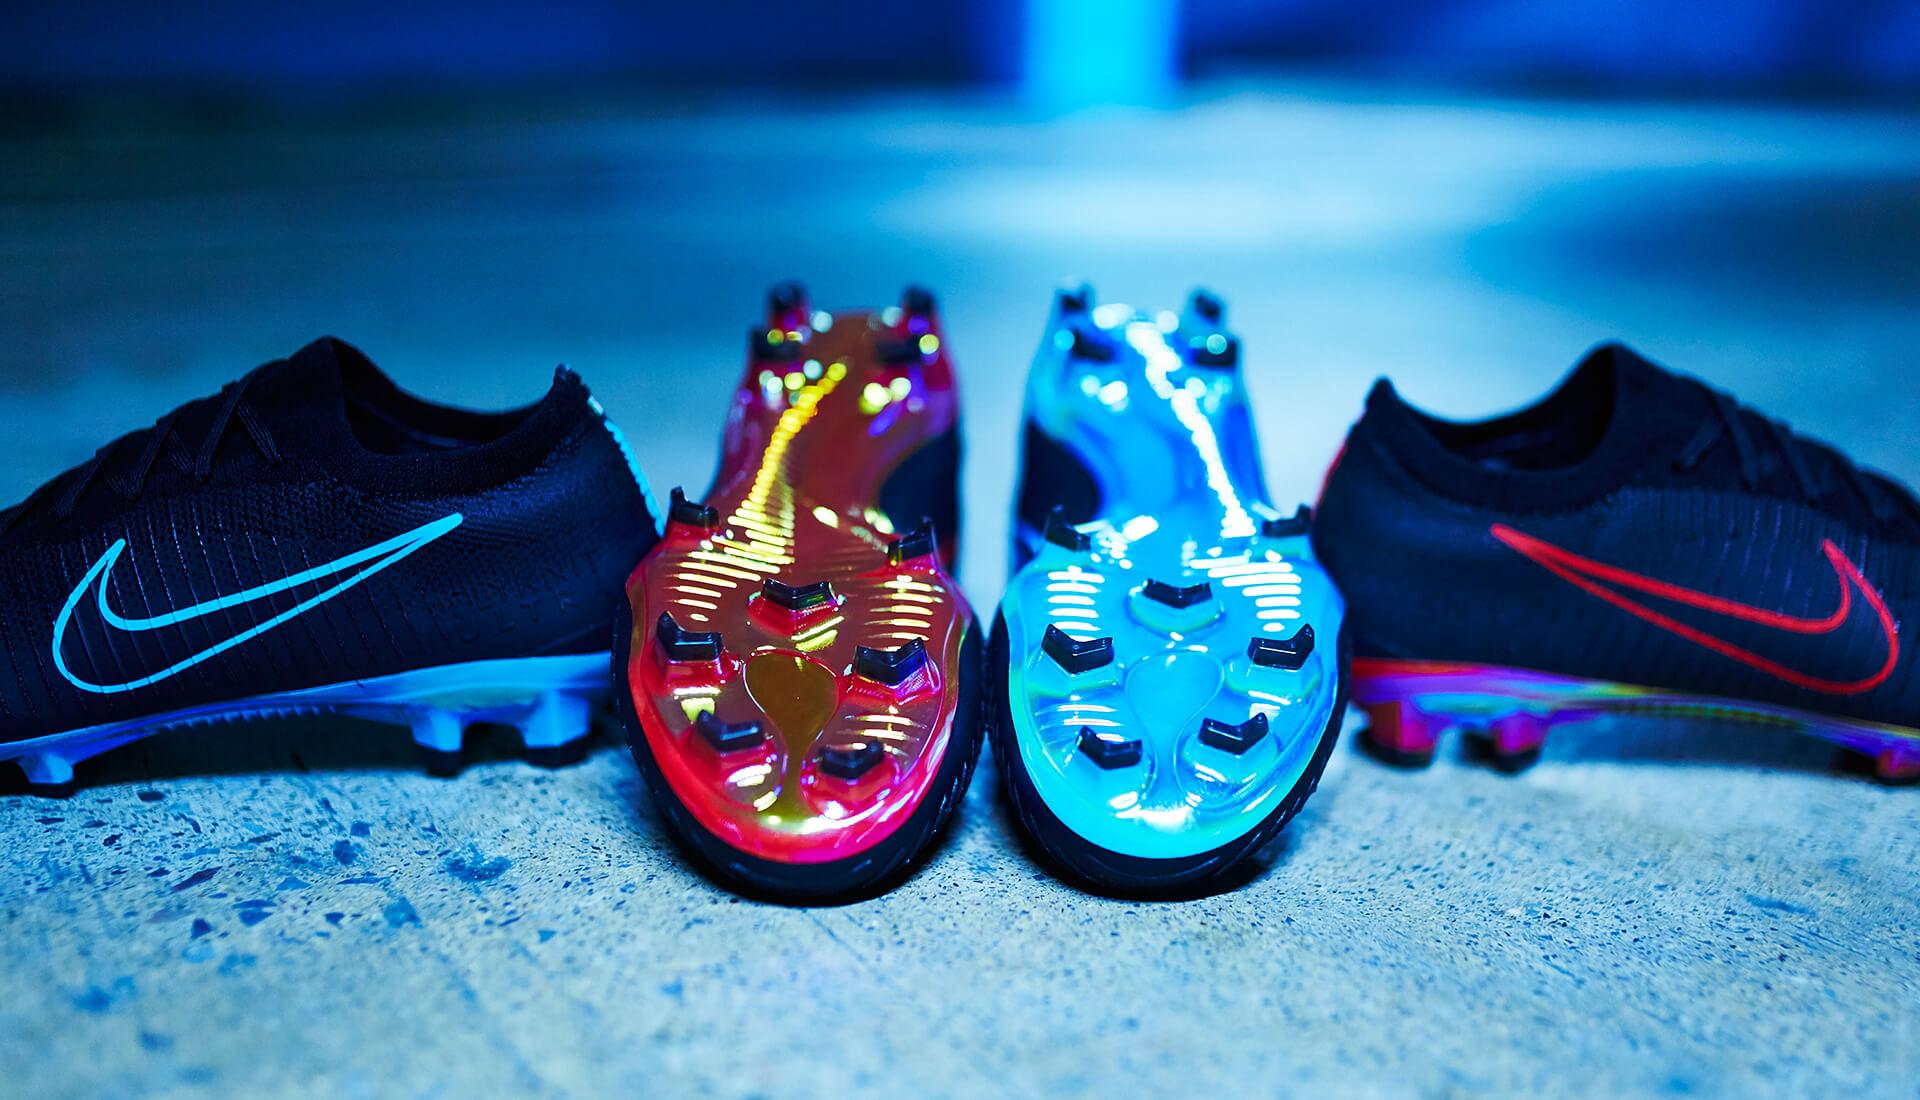 aeee91a7439 Nike Mercurial Vapor Flyknit Ultra